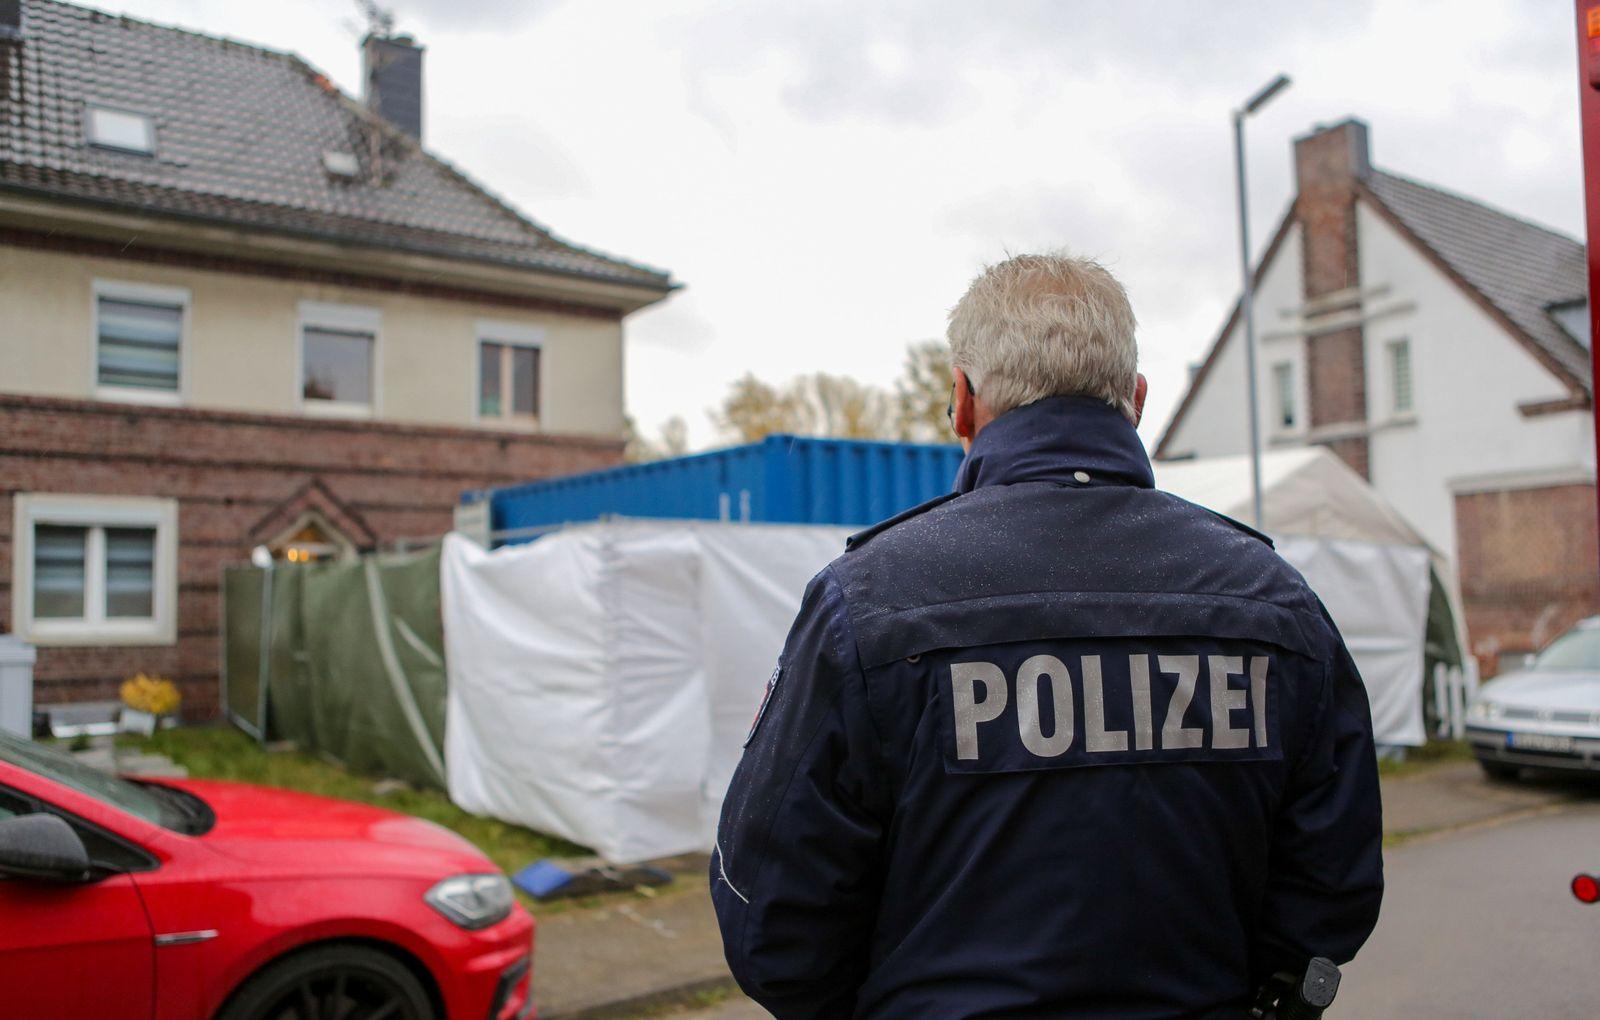 Massenhafter Missbrauch in NRW - Haus eines Verdächtigen